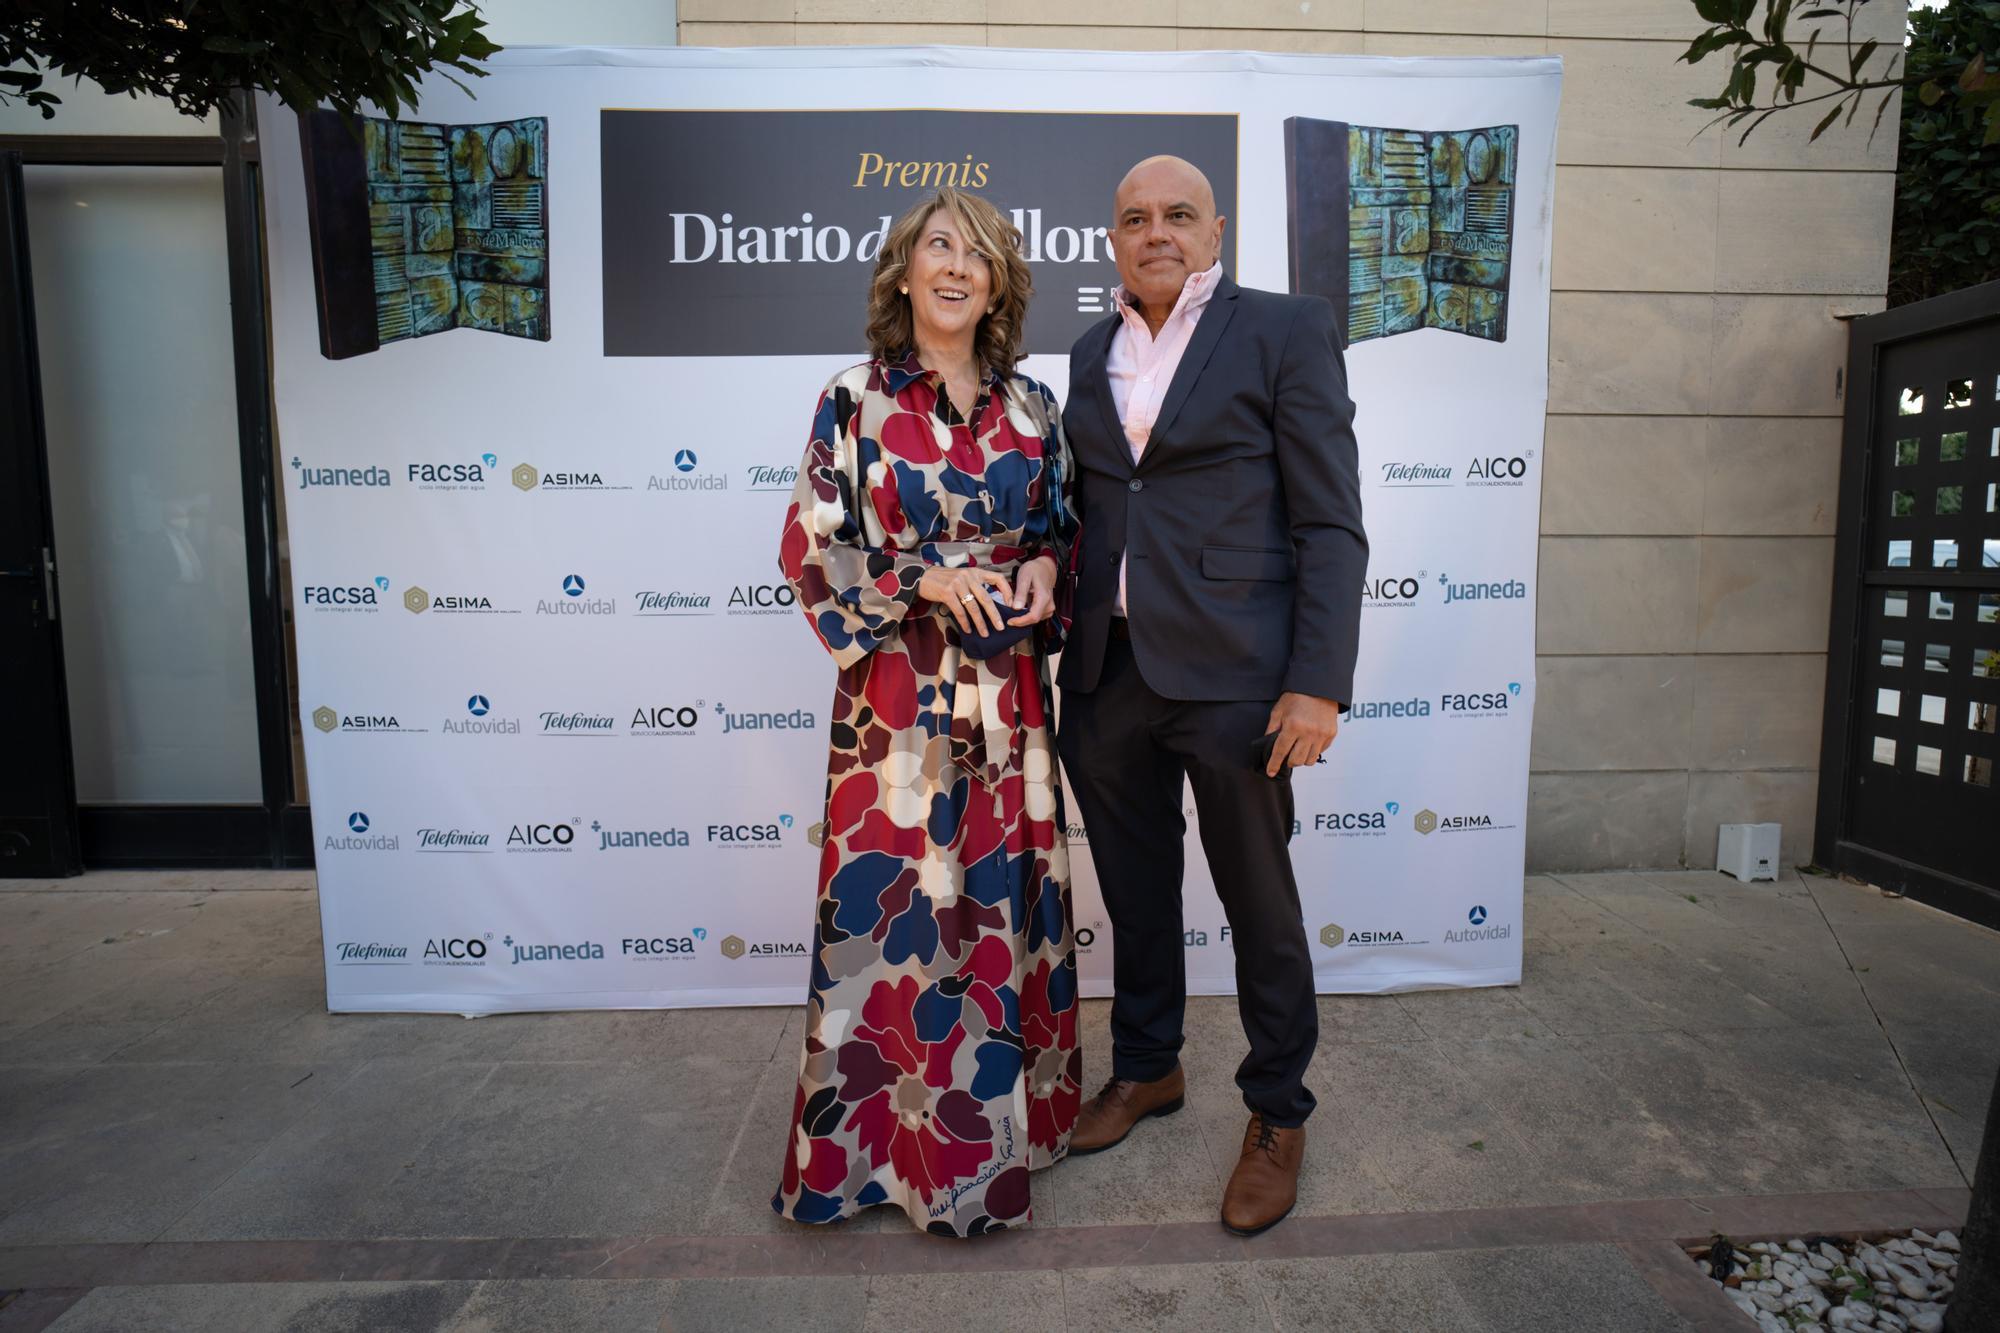 Premios Diario de Mallorca 93.jpg